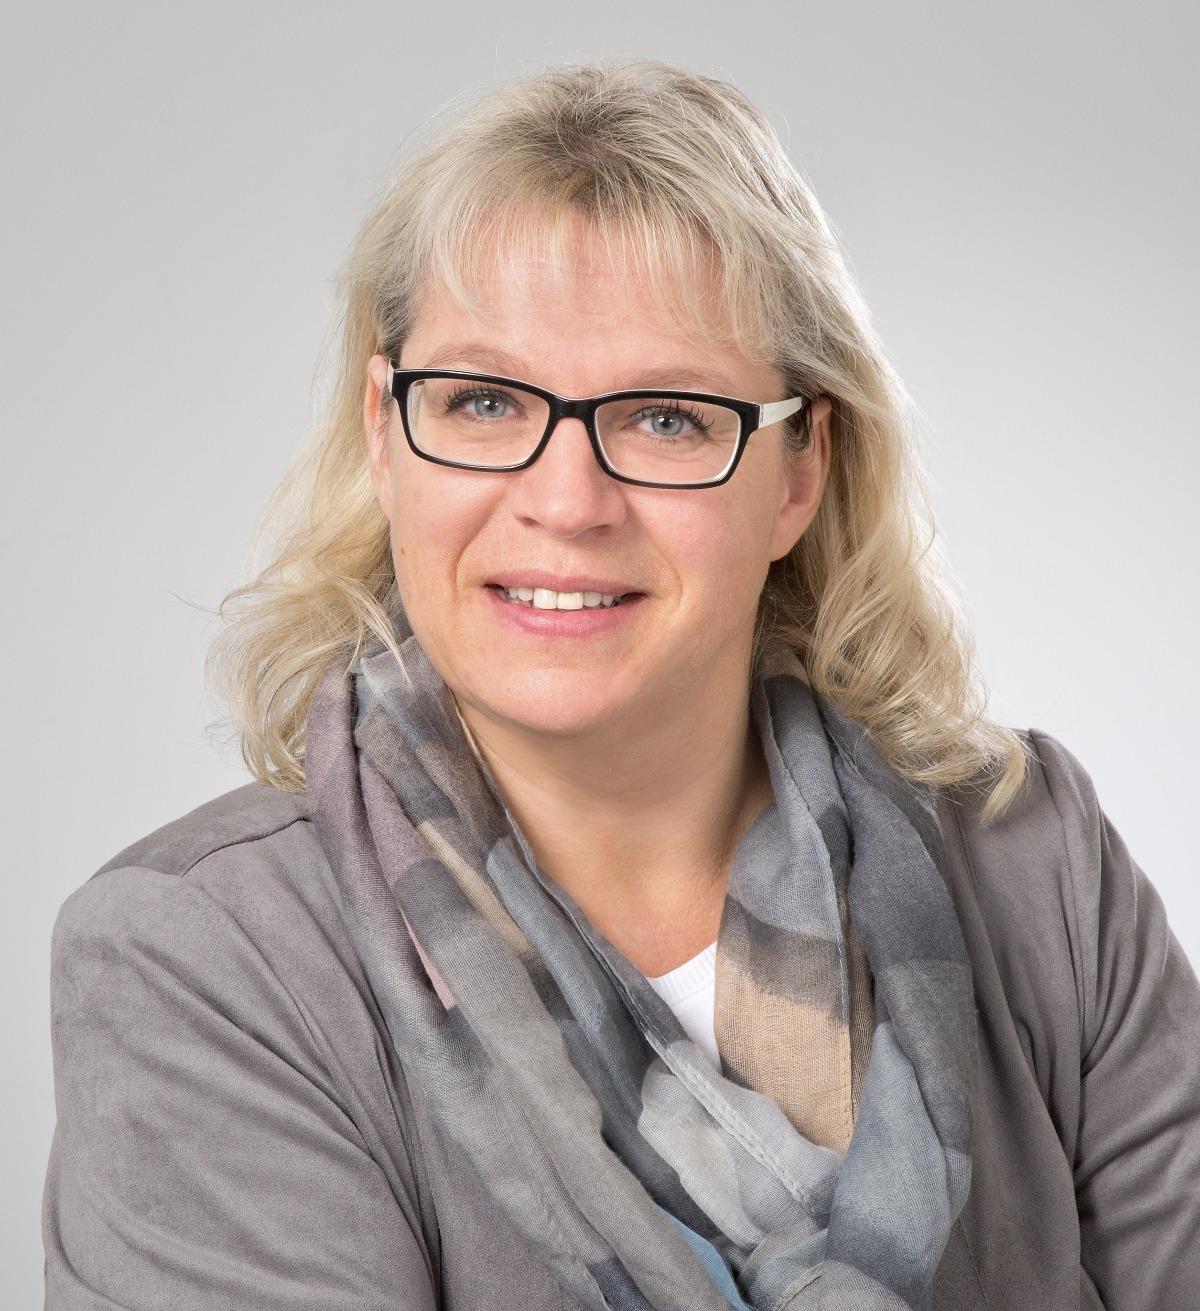 Petra Stender